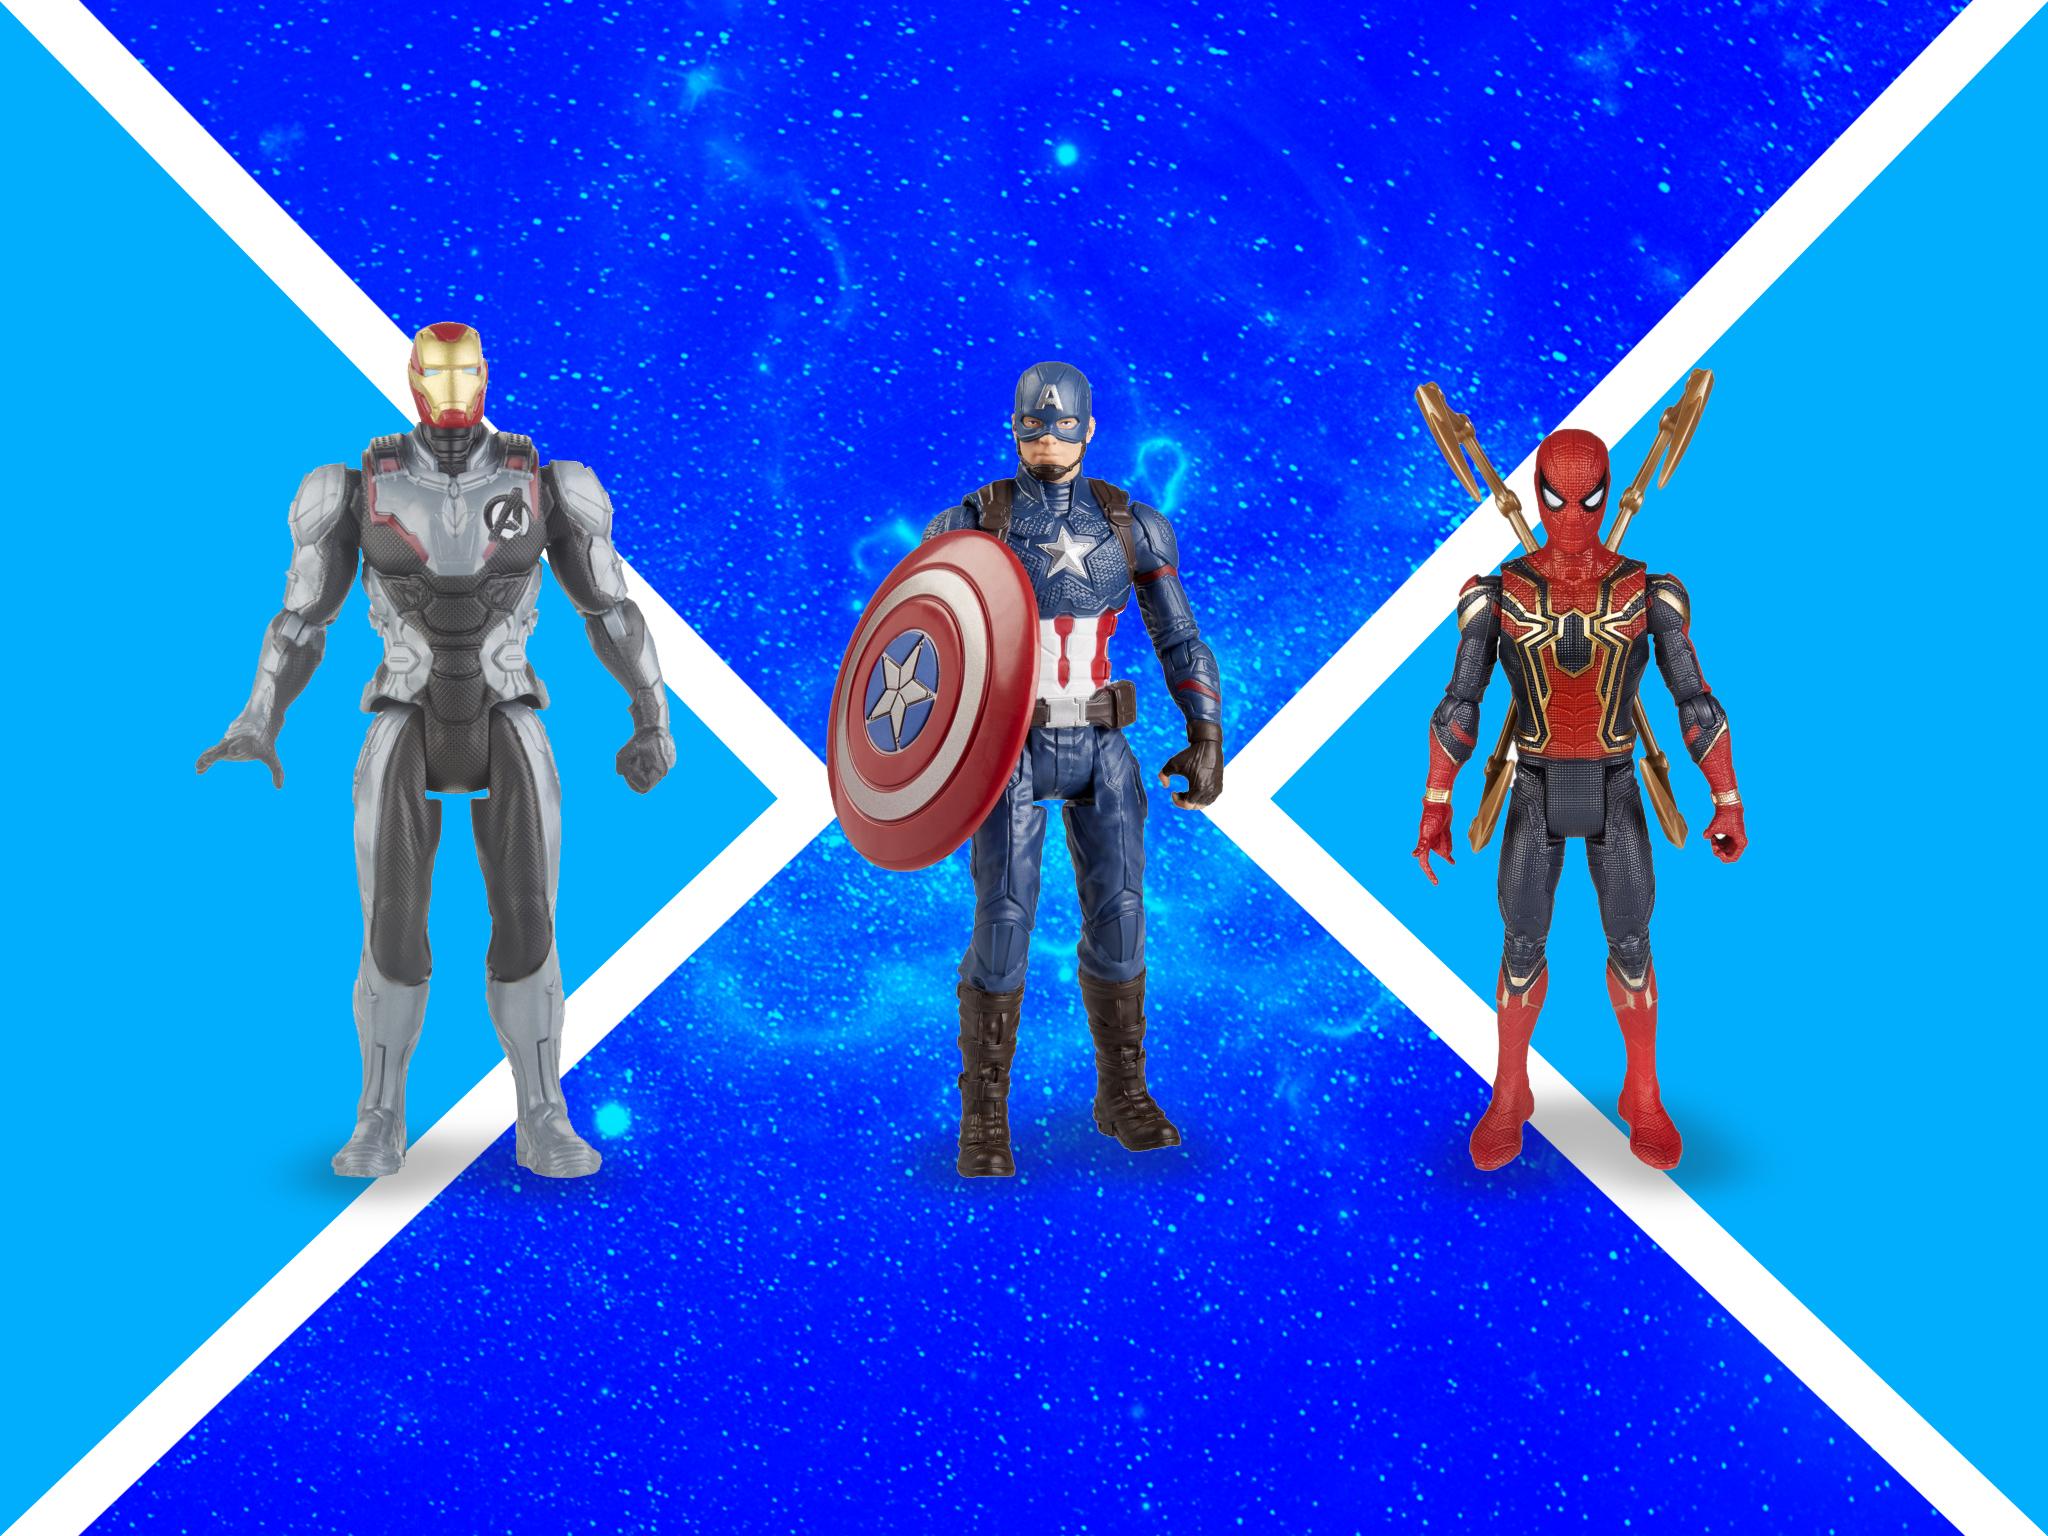 ¡Las figuras de Marvel quieren que encuentres el poder que llevas dentro!